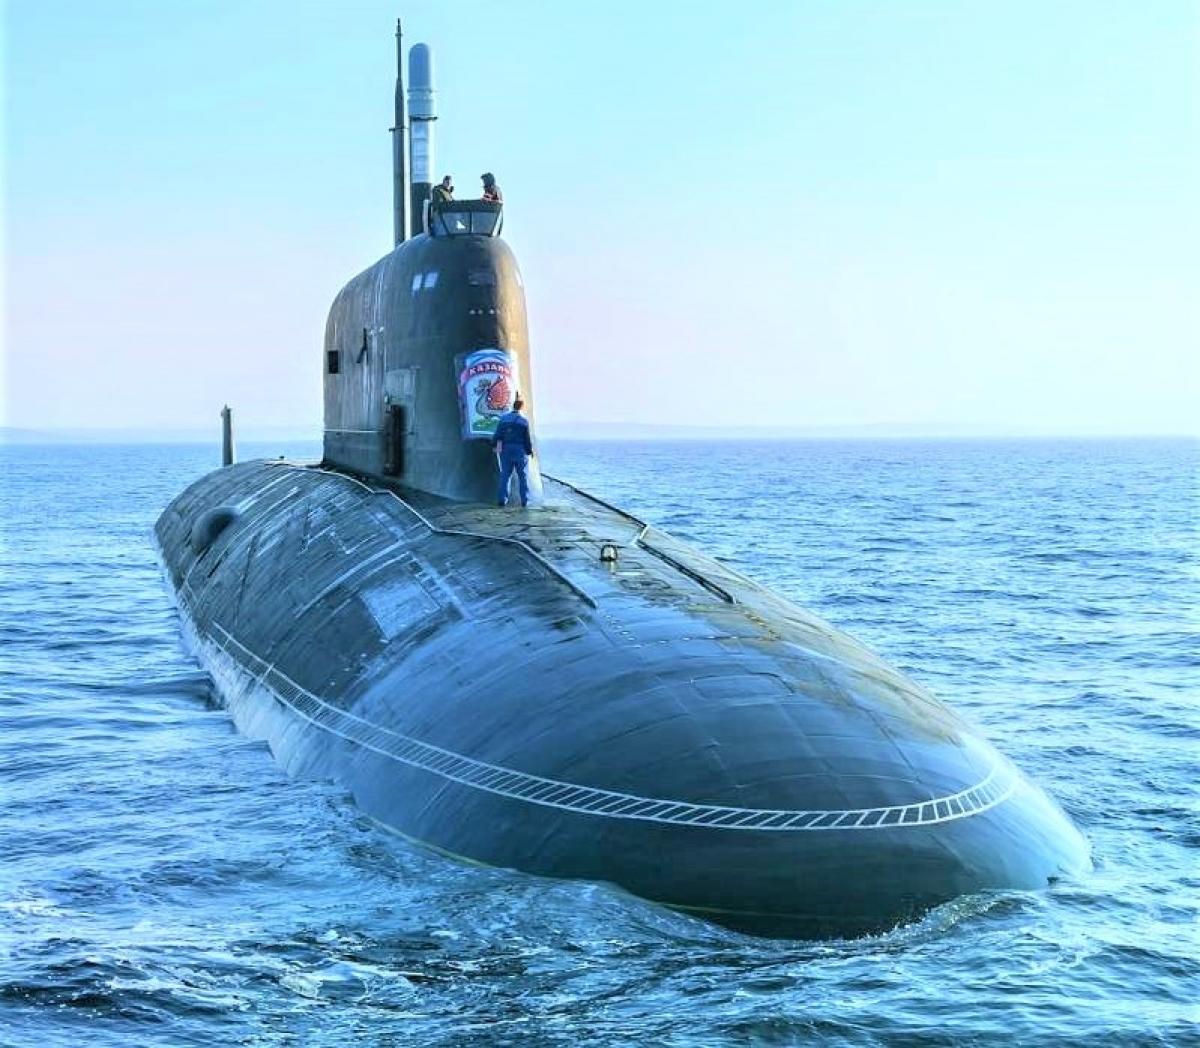 Tàu ngầm Kazan thử nghiệm trên biển; Nguồn: topwar.ru